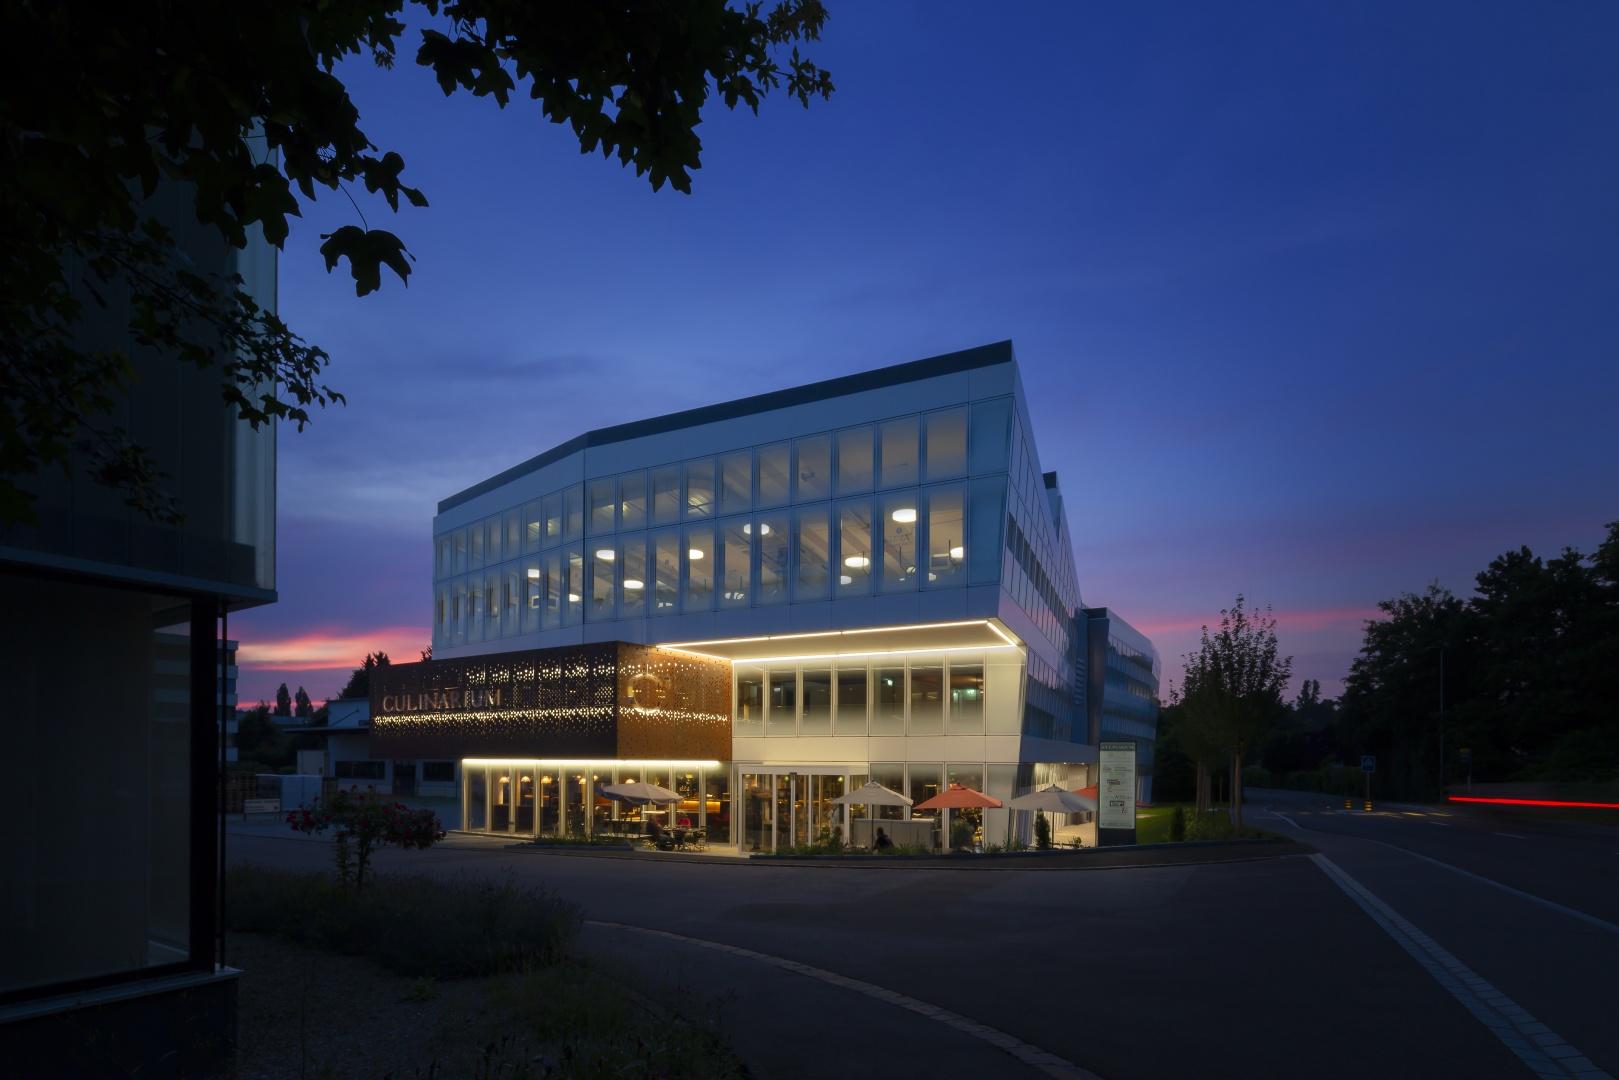 Abenddämmerung © Fox Wälle Architekten SIA GmbH, Arlesheim